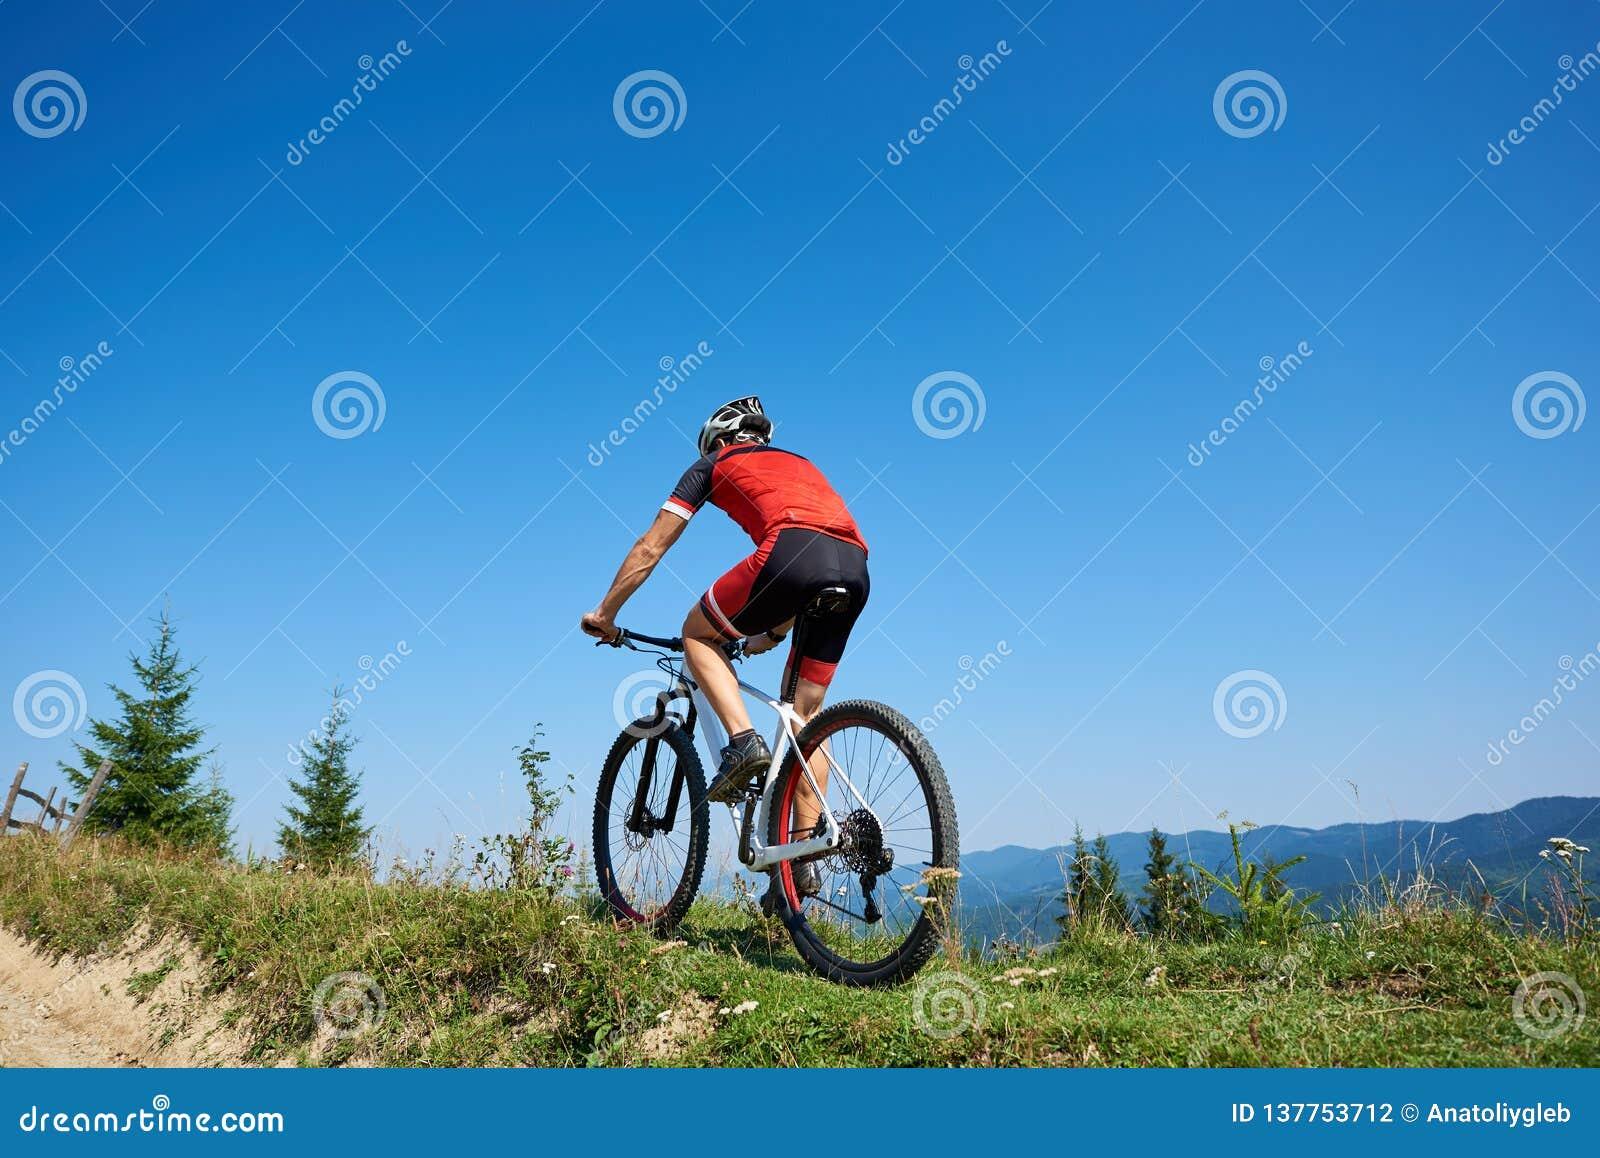 Задний взгляд атлетического туристского велосипедиста в велосипеде шлема и полного оборудования задействуя вверх по травянистому